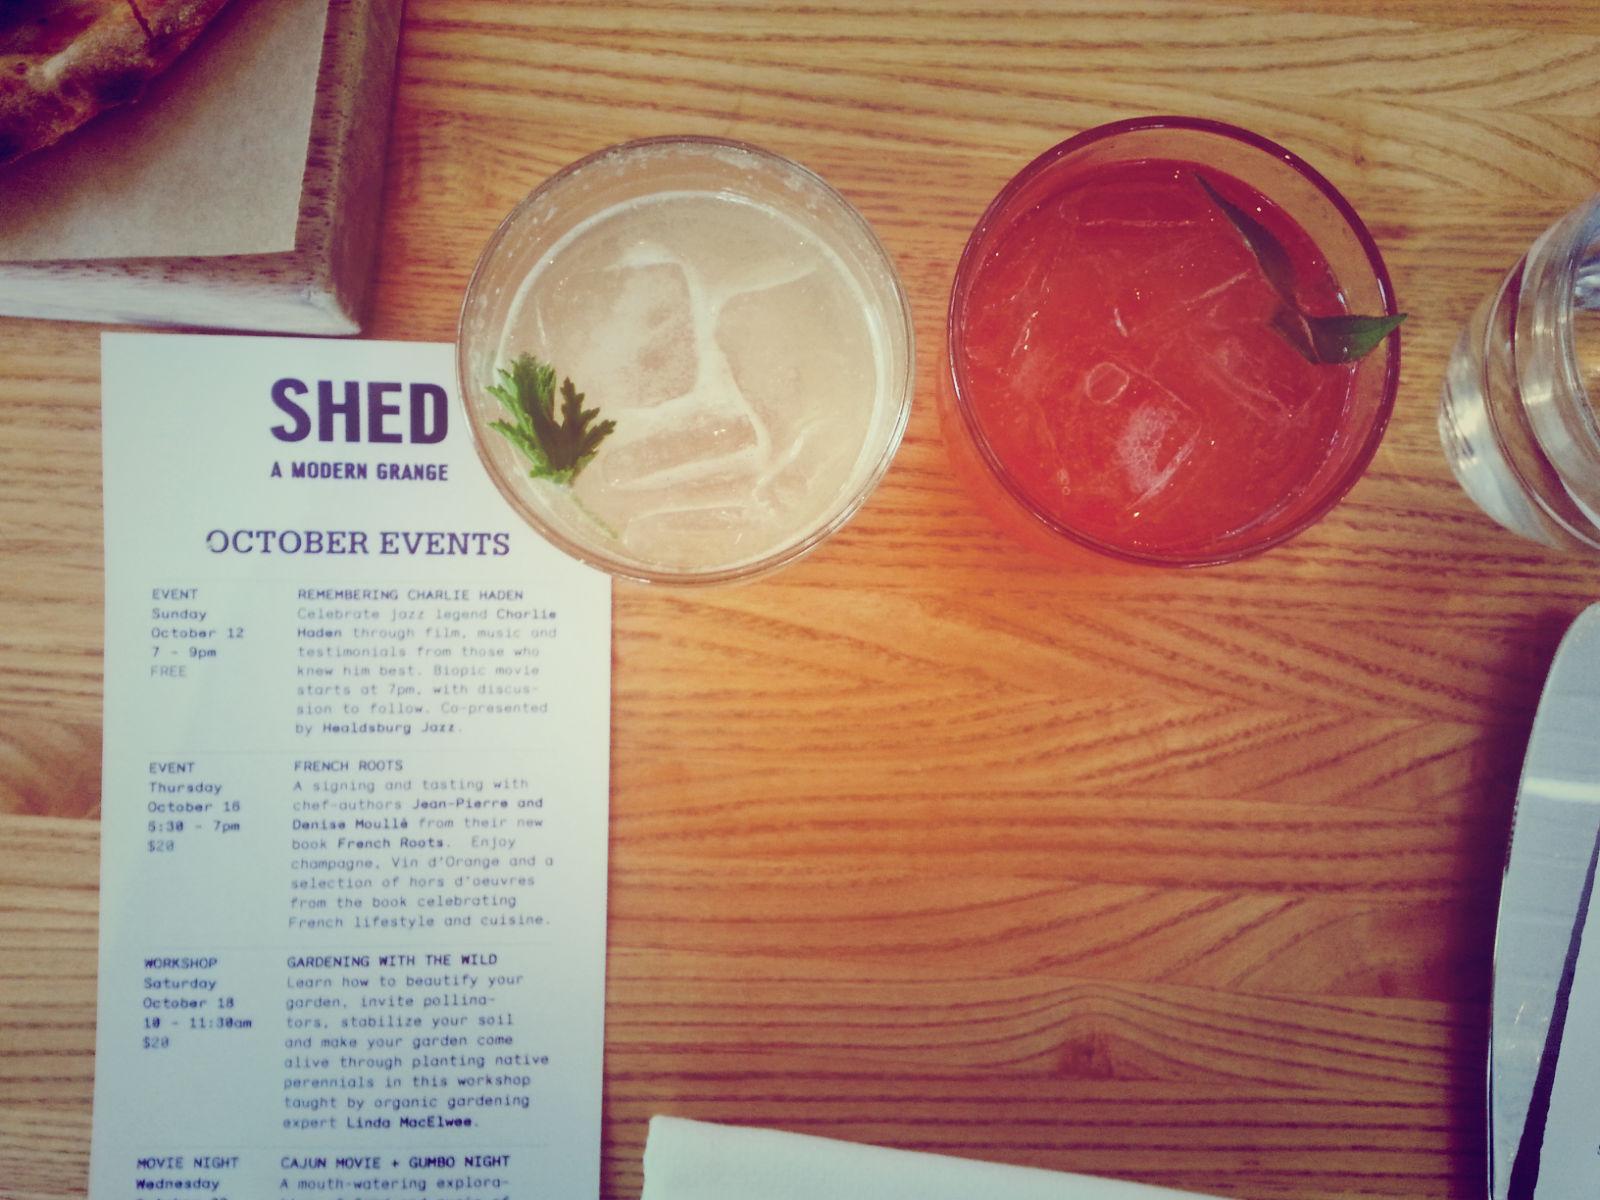 Seasonal Shrubs at Shed, Healdsburg